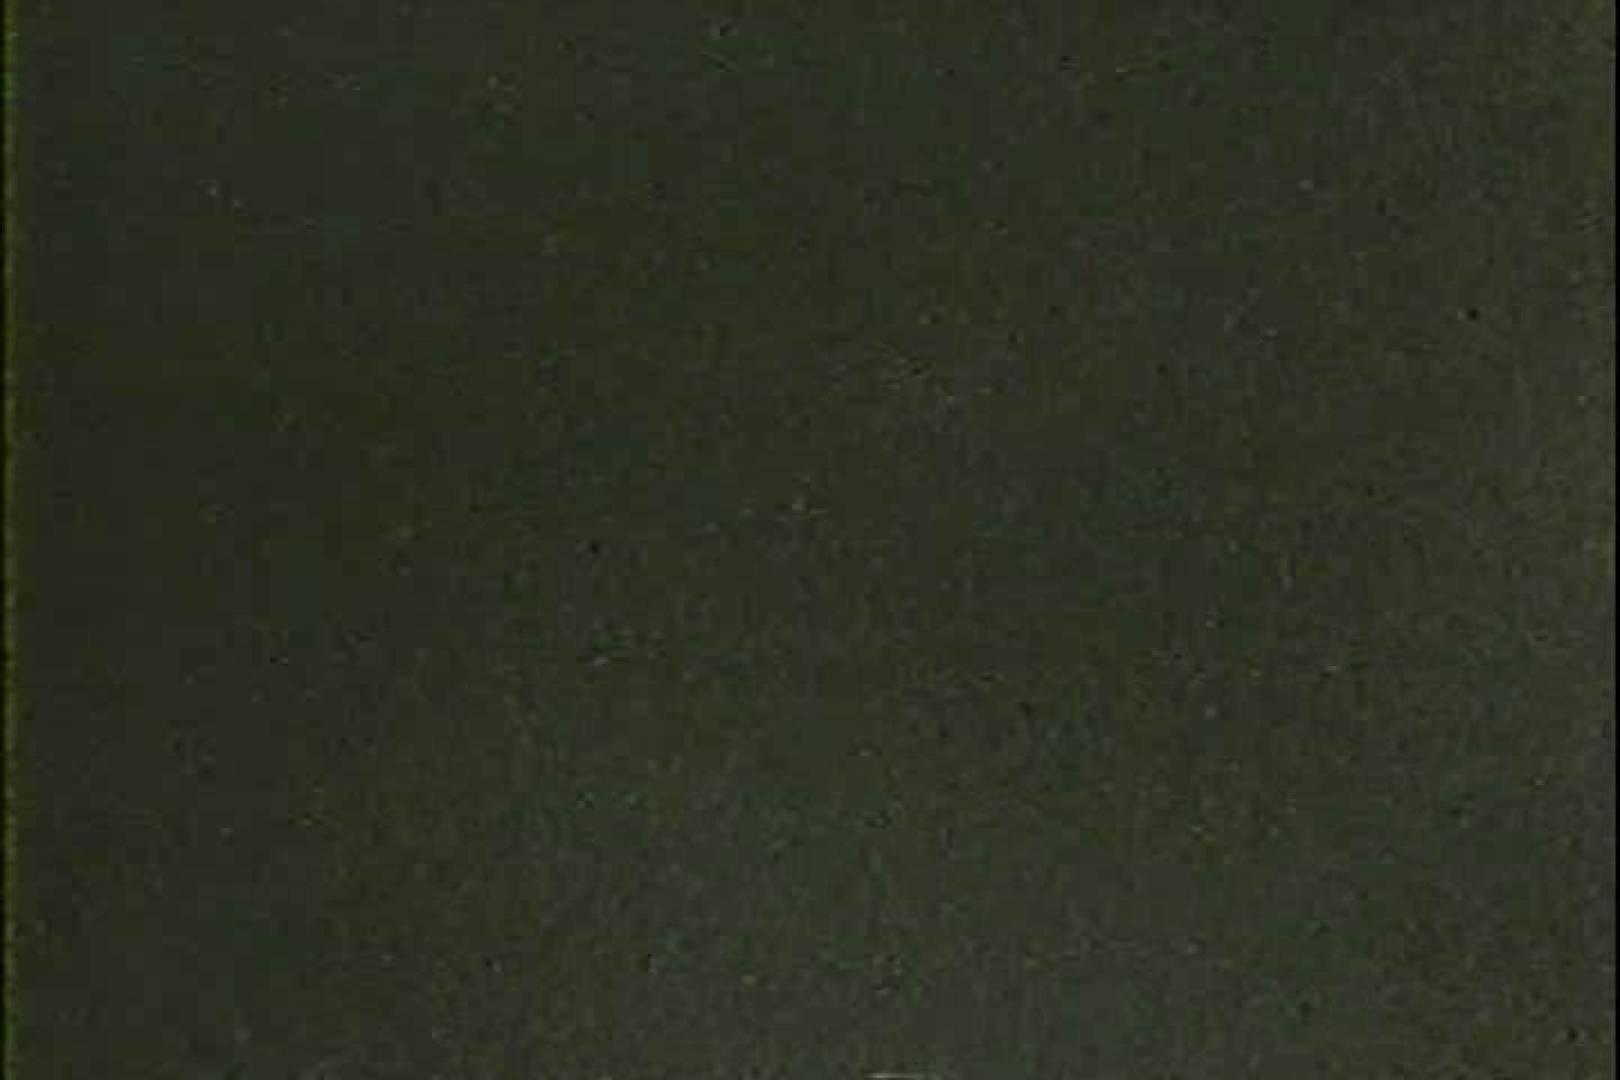 「ちくりん」さんのオリジナル未編集パンチラVol.5_02 パンチラ   チラ  76画像 16